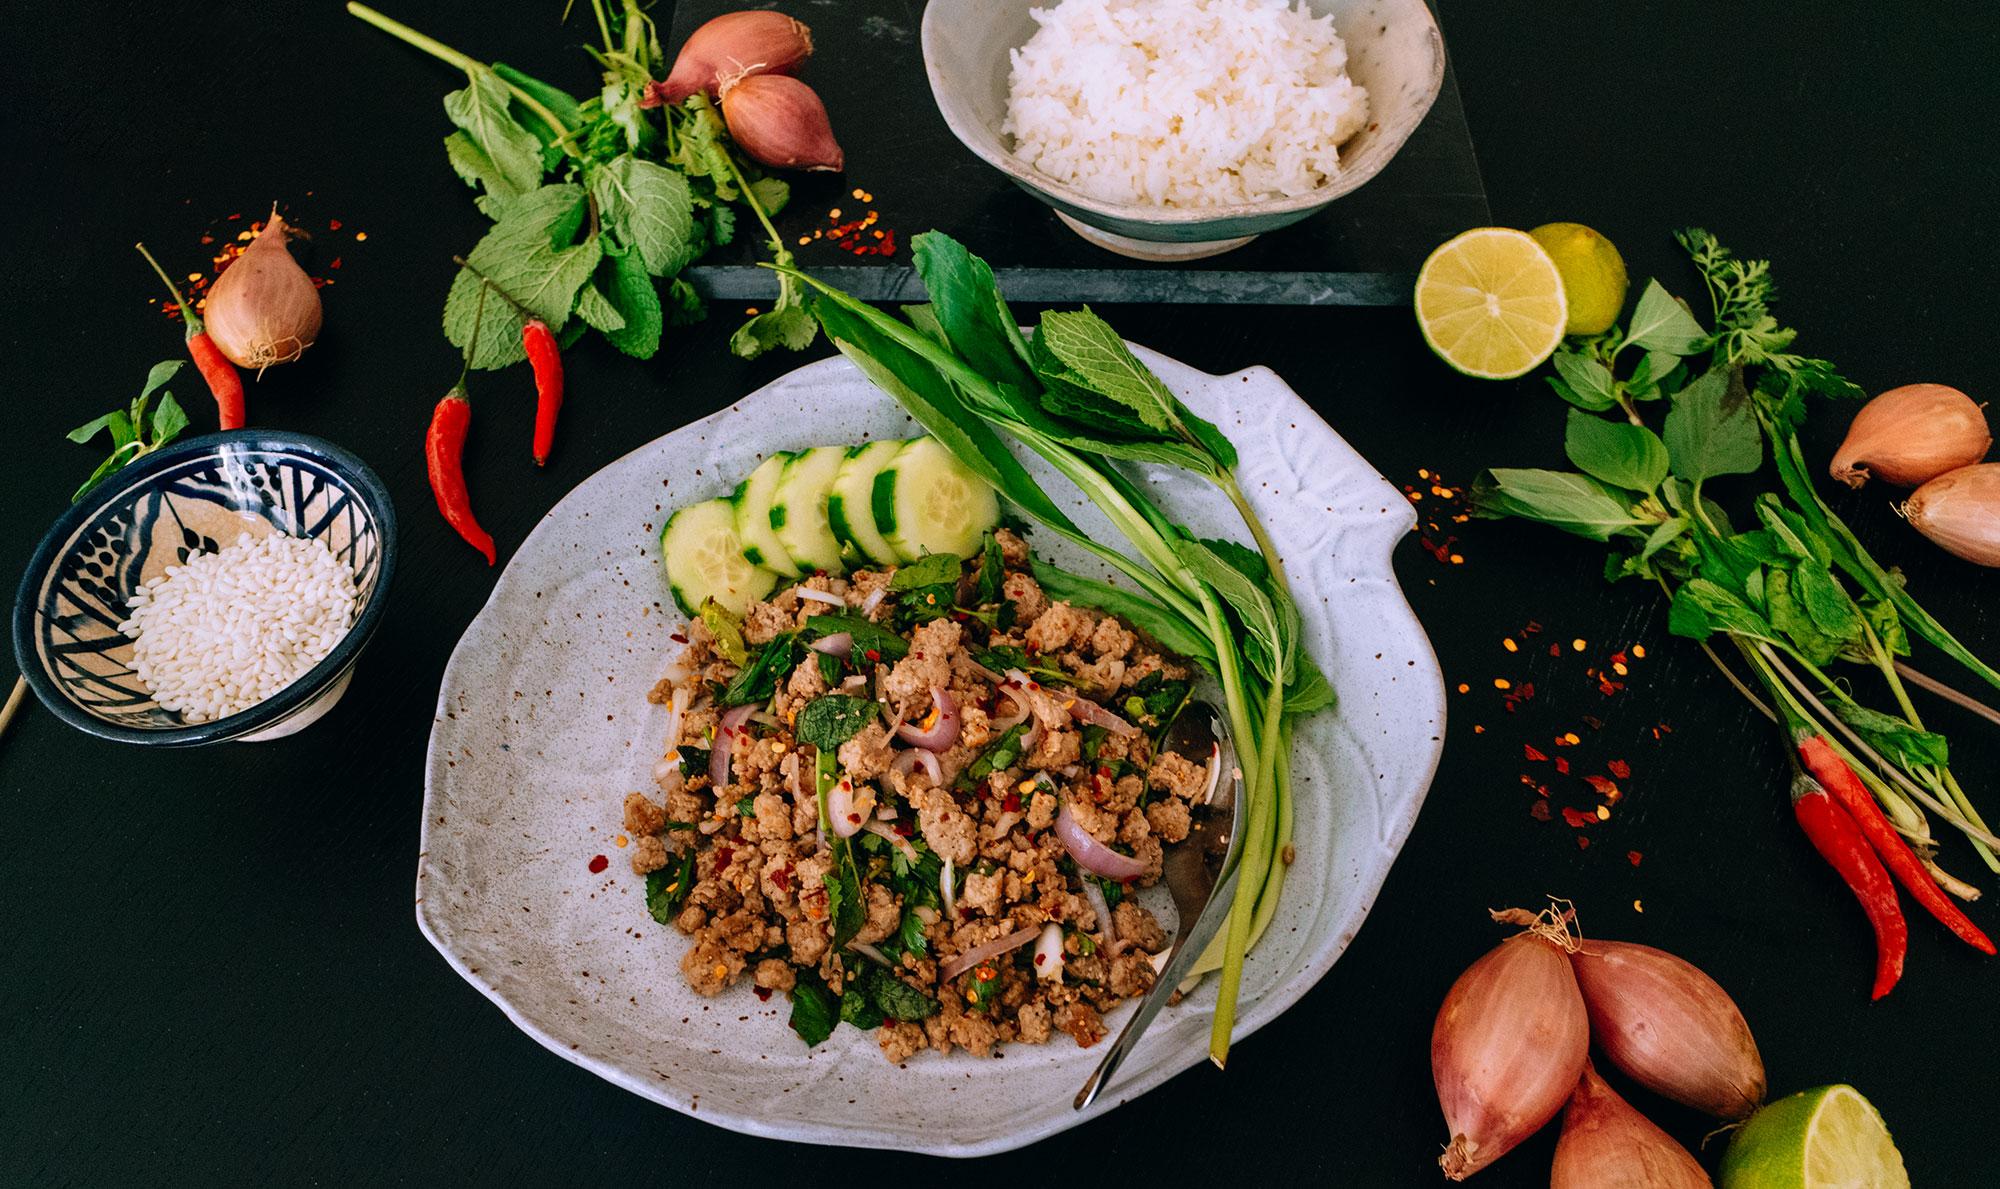 Thai Larb Recipe / Larb Moo ลาบหมู Rezept – Authentischer Thai Larb Salat Rezept von iHeartAlice.com - Travel, Lifestyle, Foodblogger aus Berlin, Deutschland